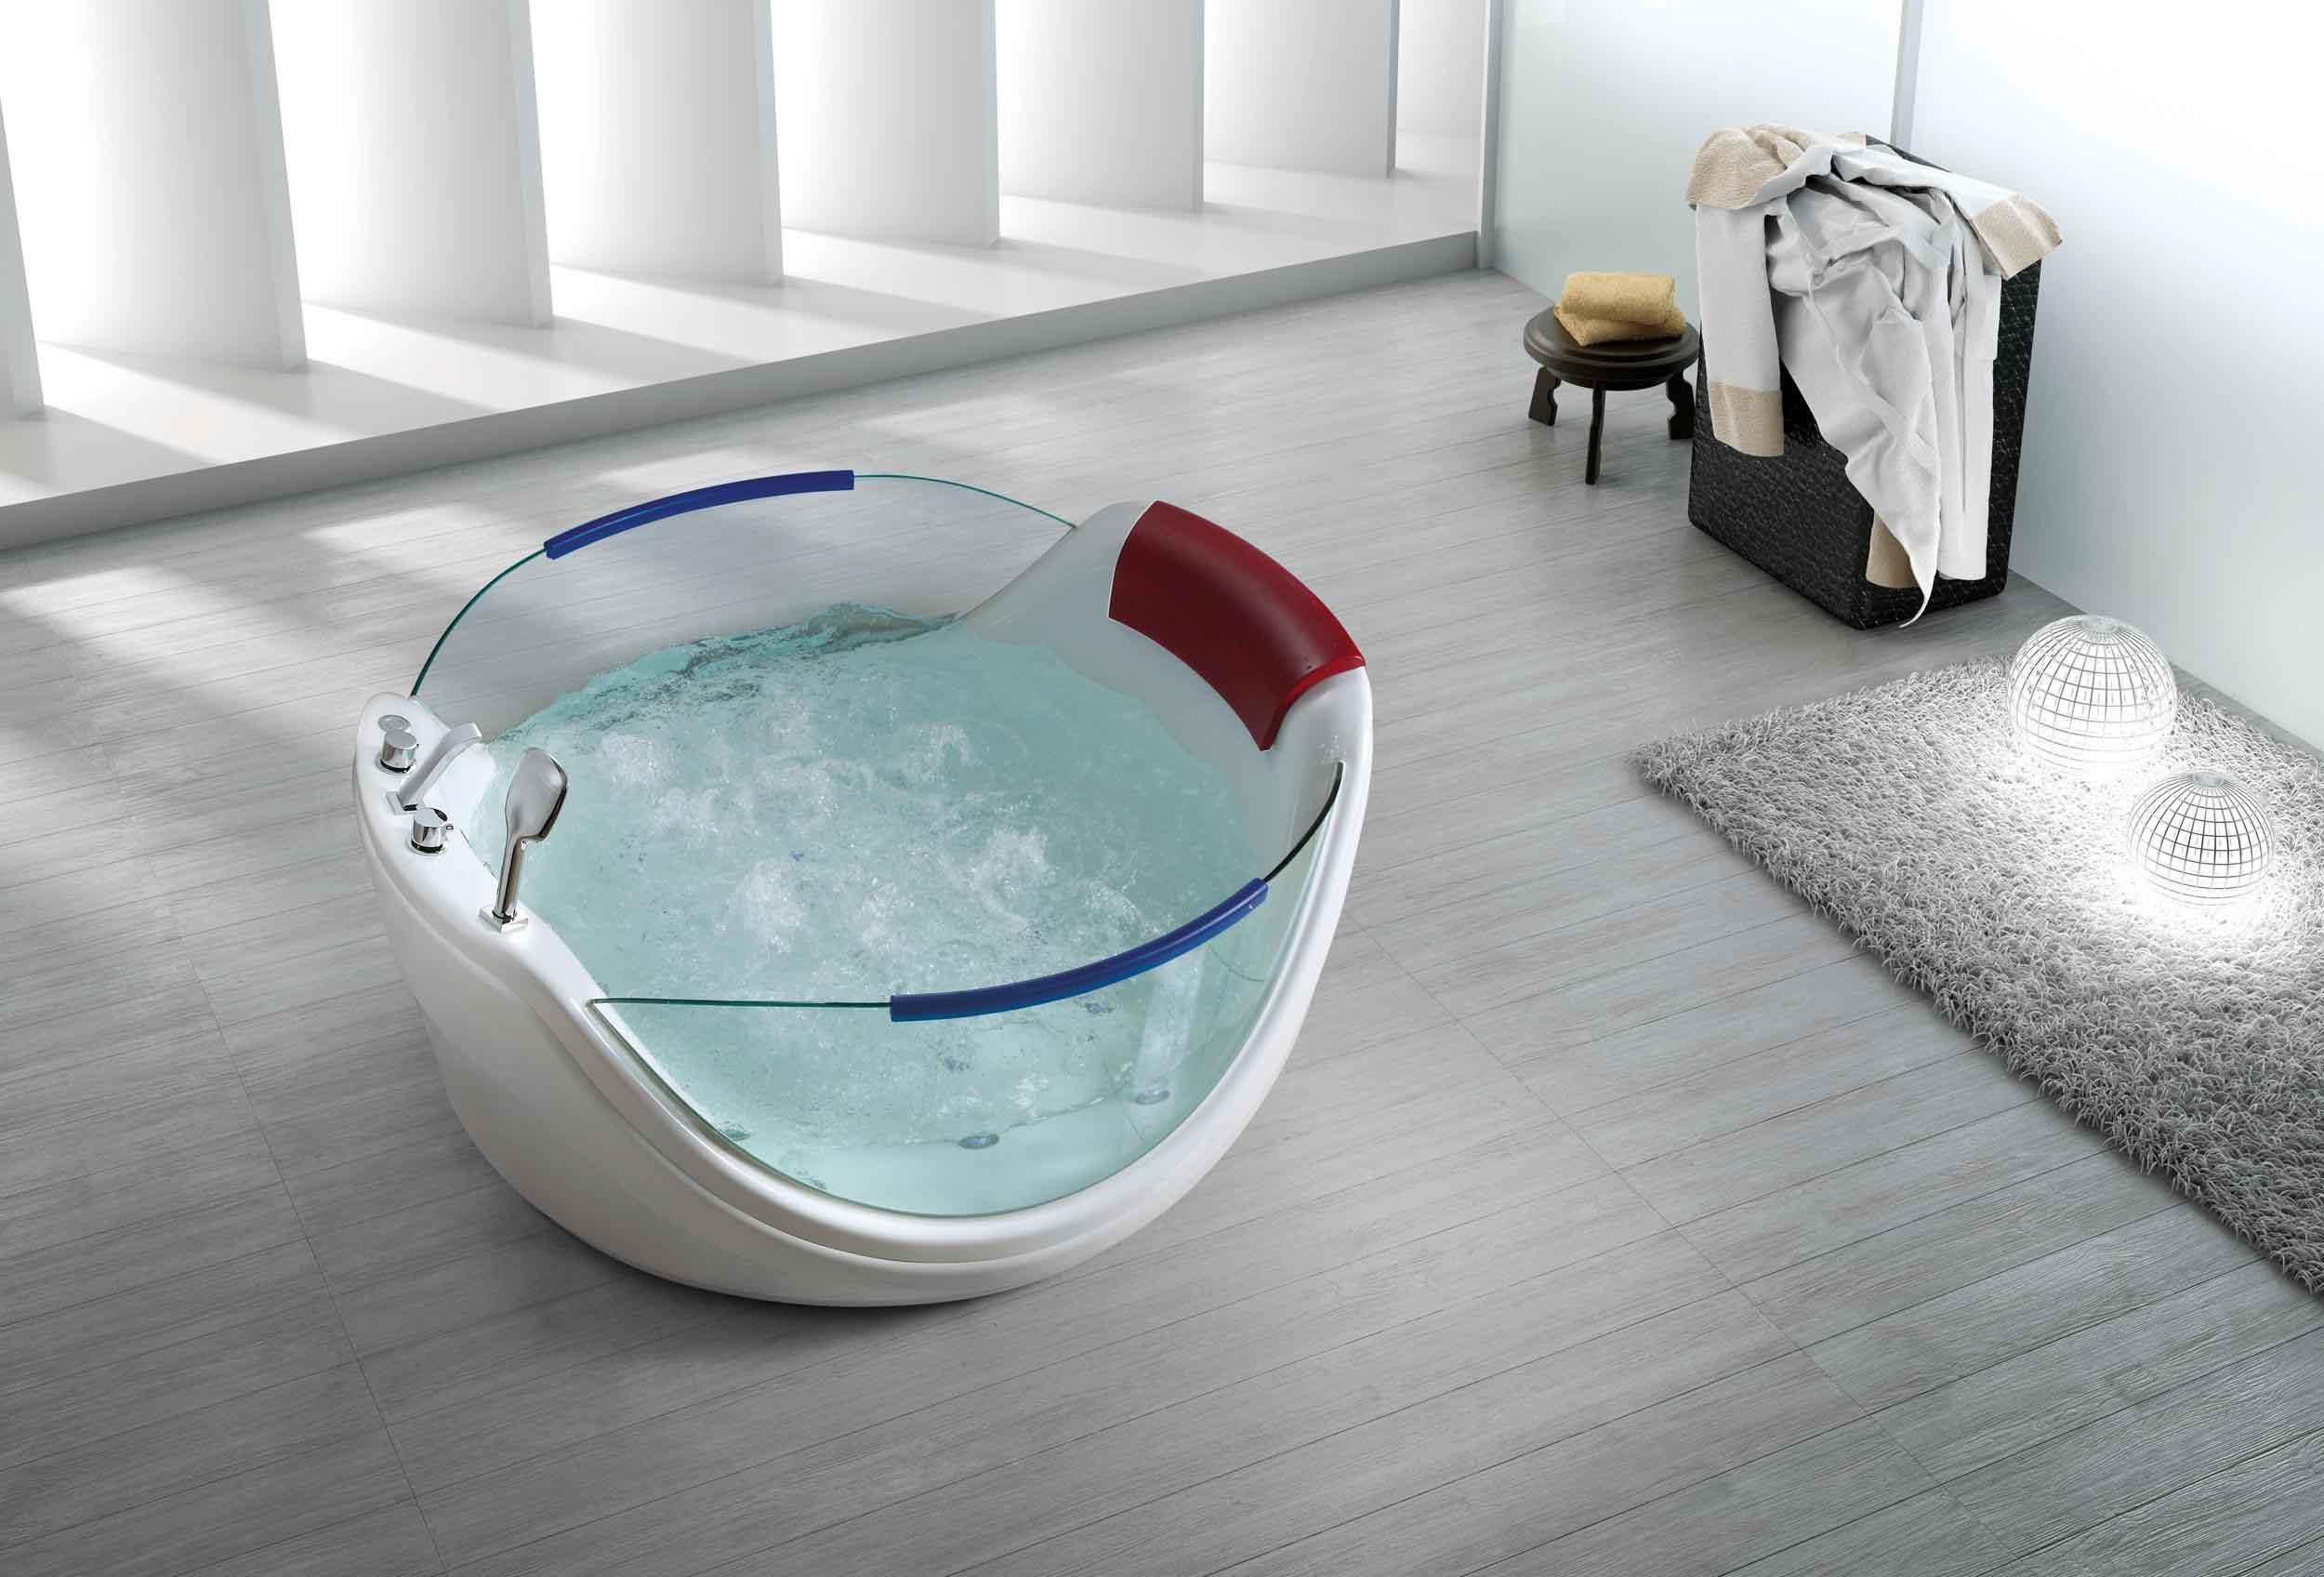 Vasca da bagno di design prezzi : vasca bagno ebay. vasca da bagno ...